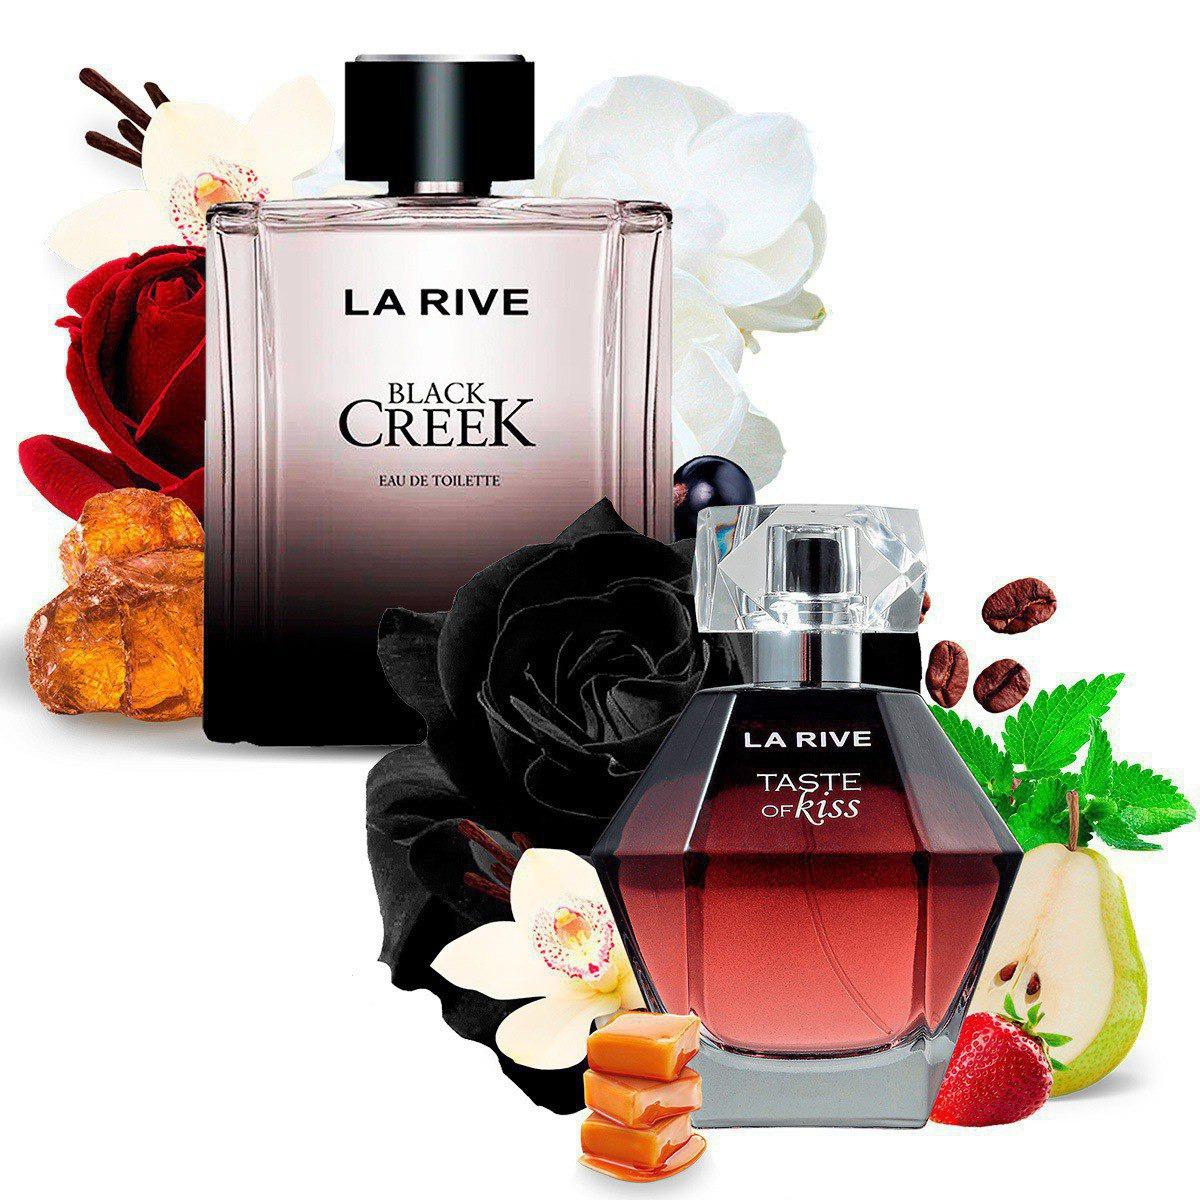 Kit 2 Perfumes, Black Creek e Taste of Kiss La Rive